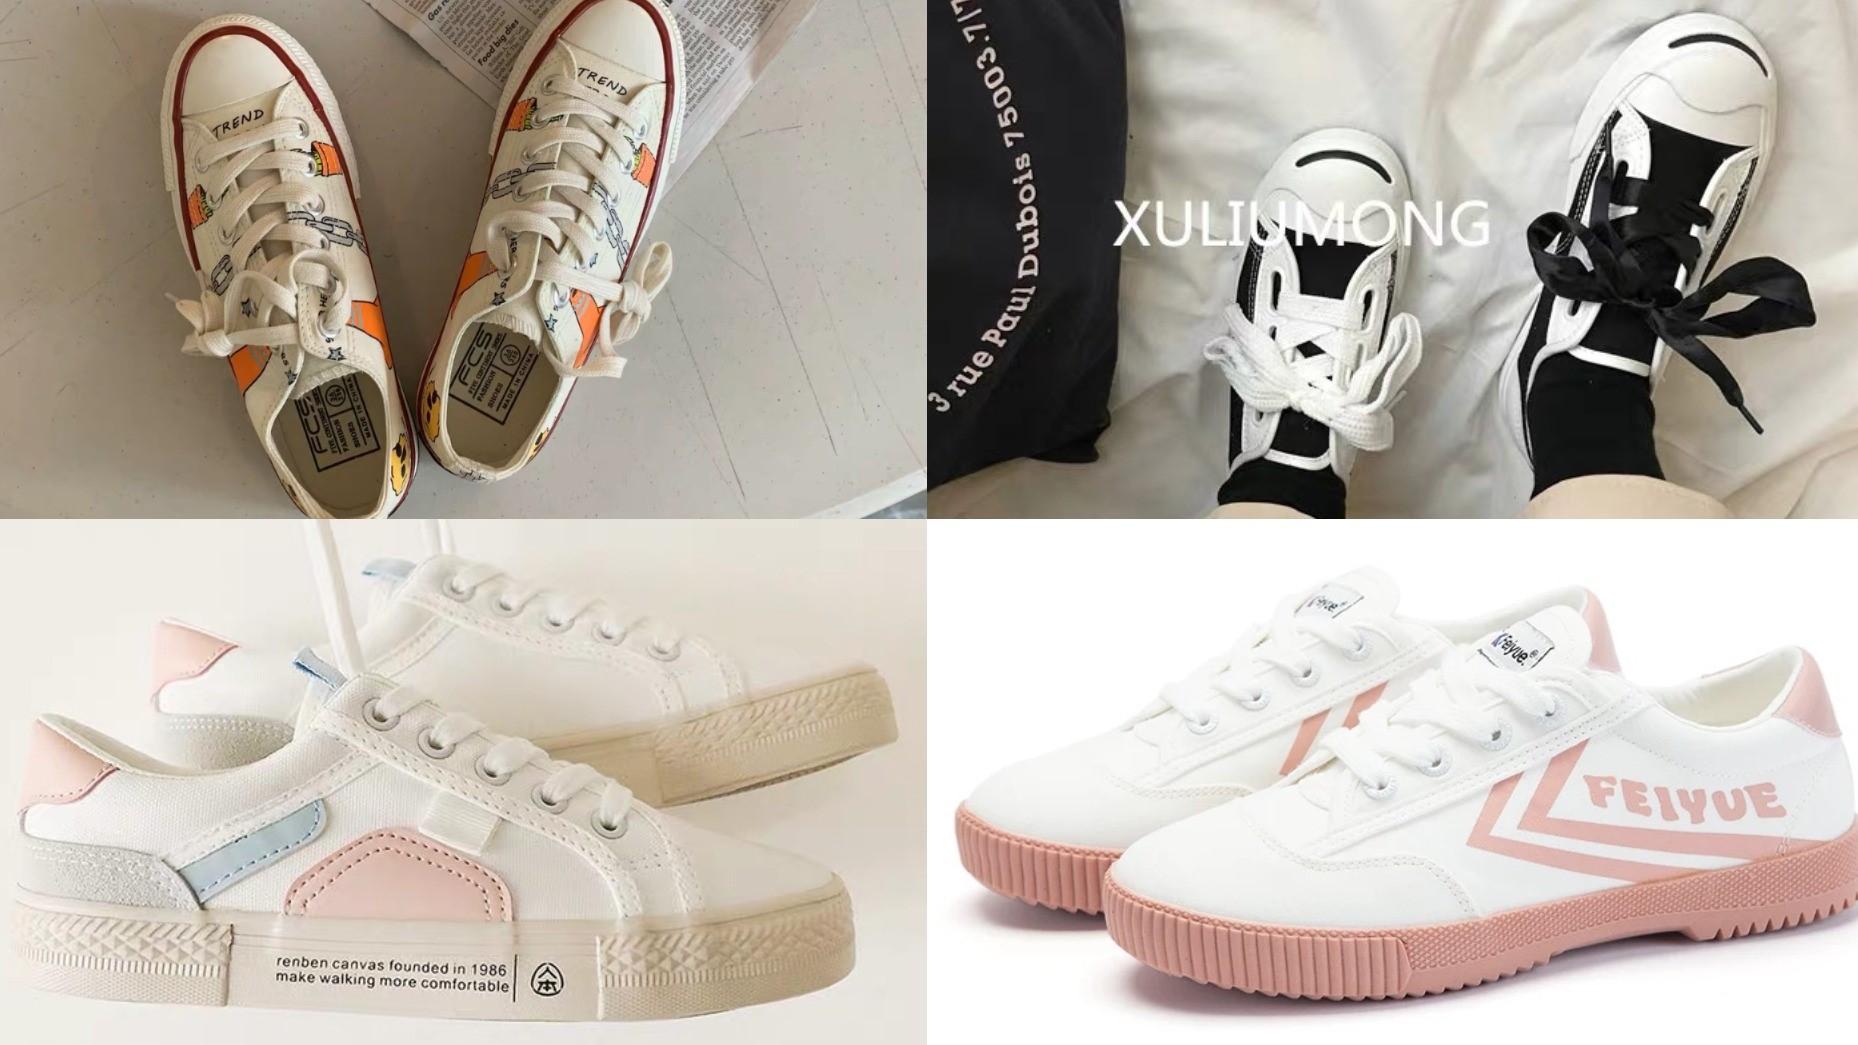 淘寶5間『大陸國民球鞋品牌』推薦,時髦爆款、絕對吸睛!